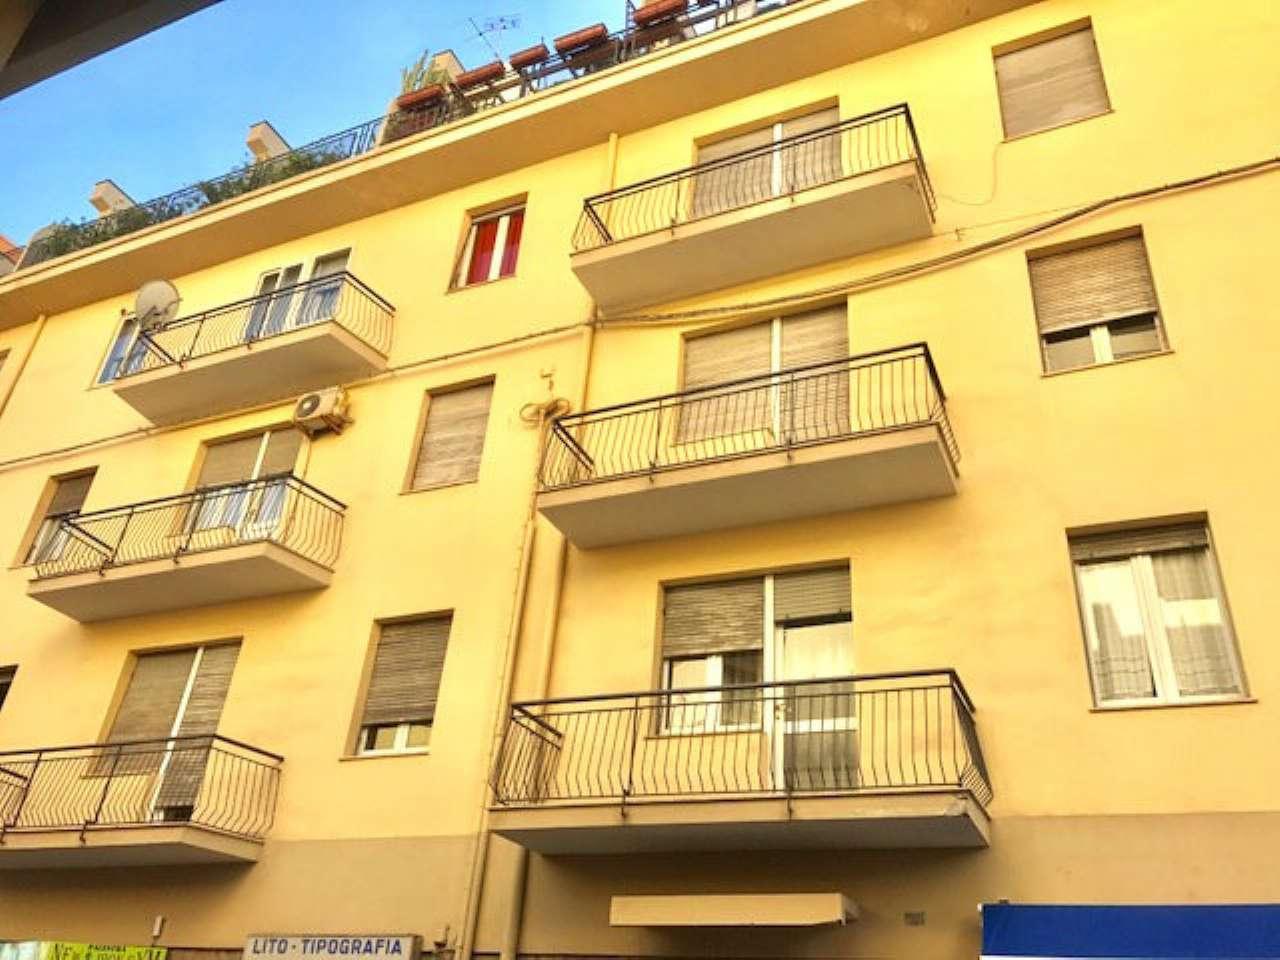 Appartamento in vendita a Sassari, 5 locali, prezzo € 180.000 | Cambio Casa.it